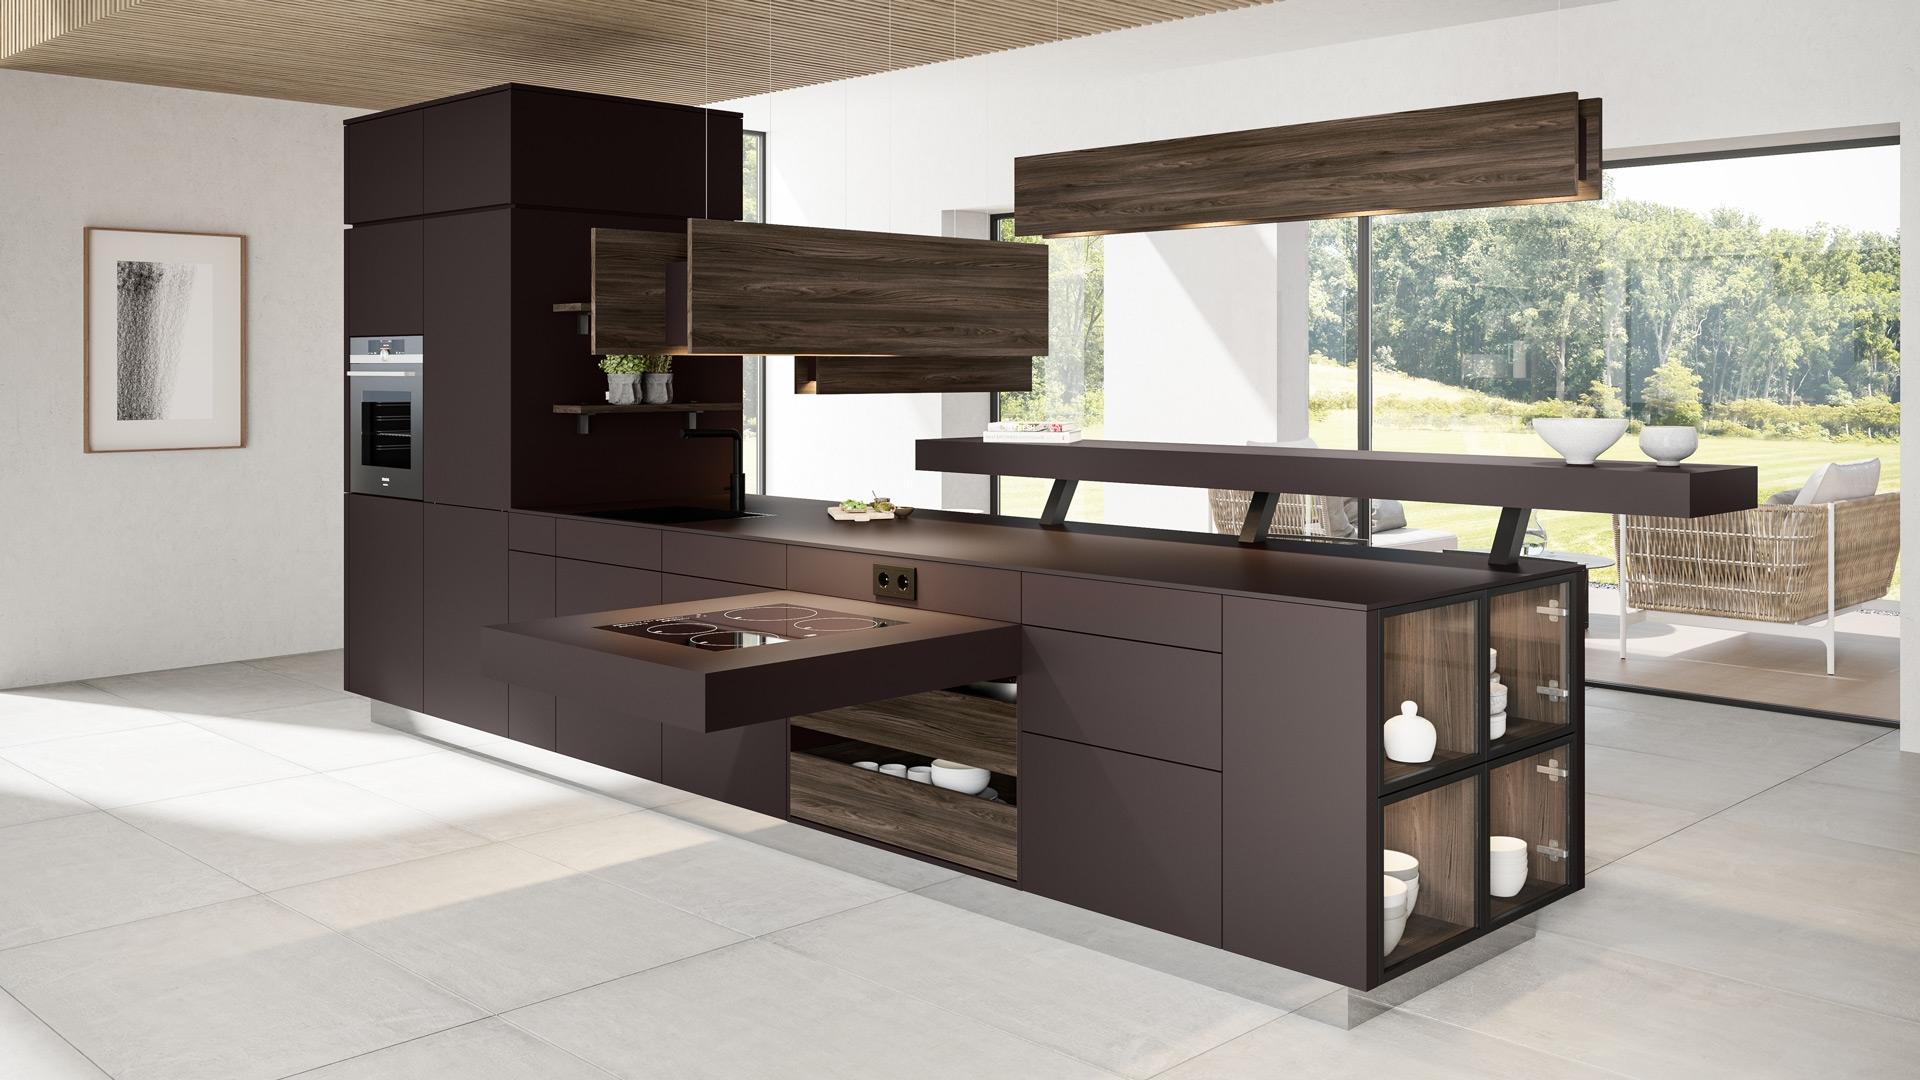 FIORA 01 1 1920x1080 1 - FENIX-это лучшее решение для Вашей кухни.